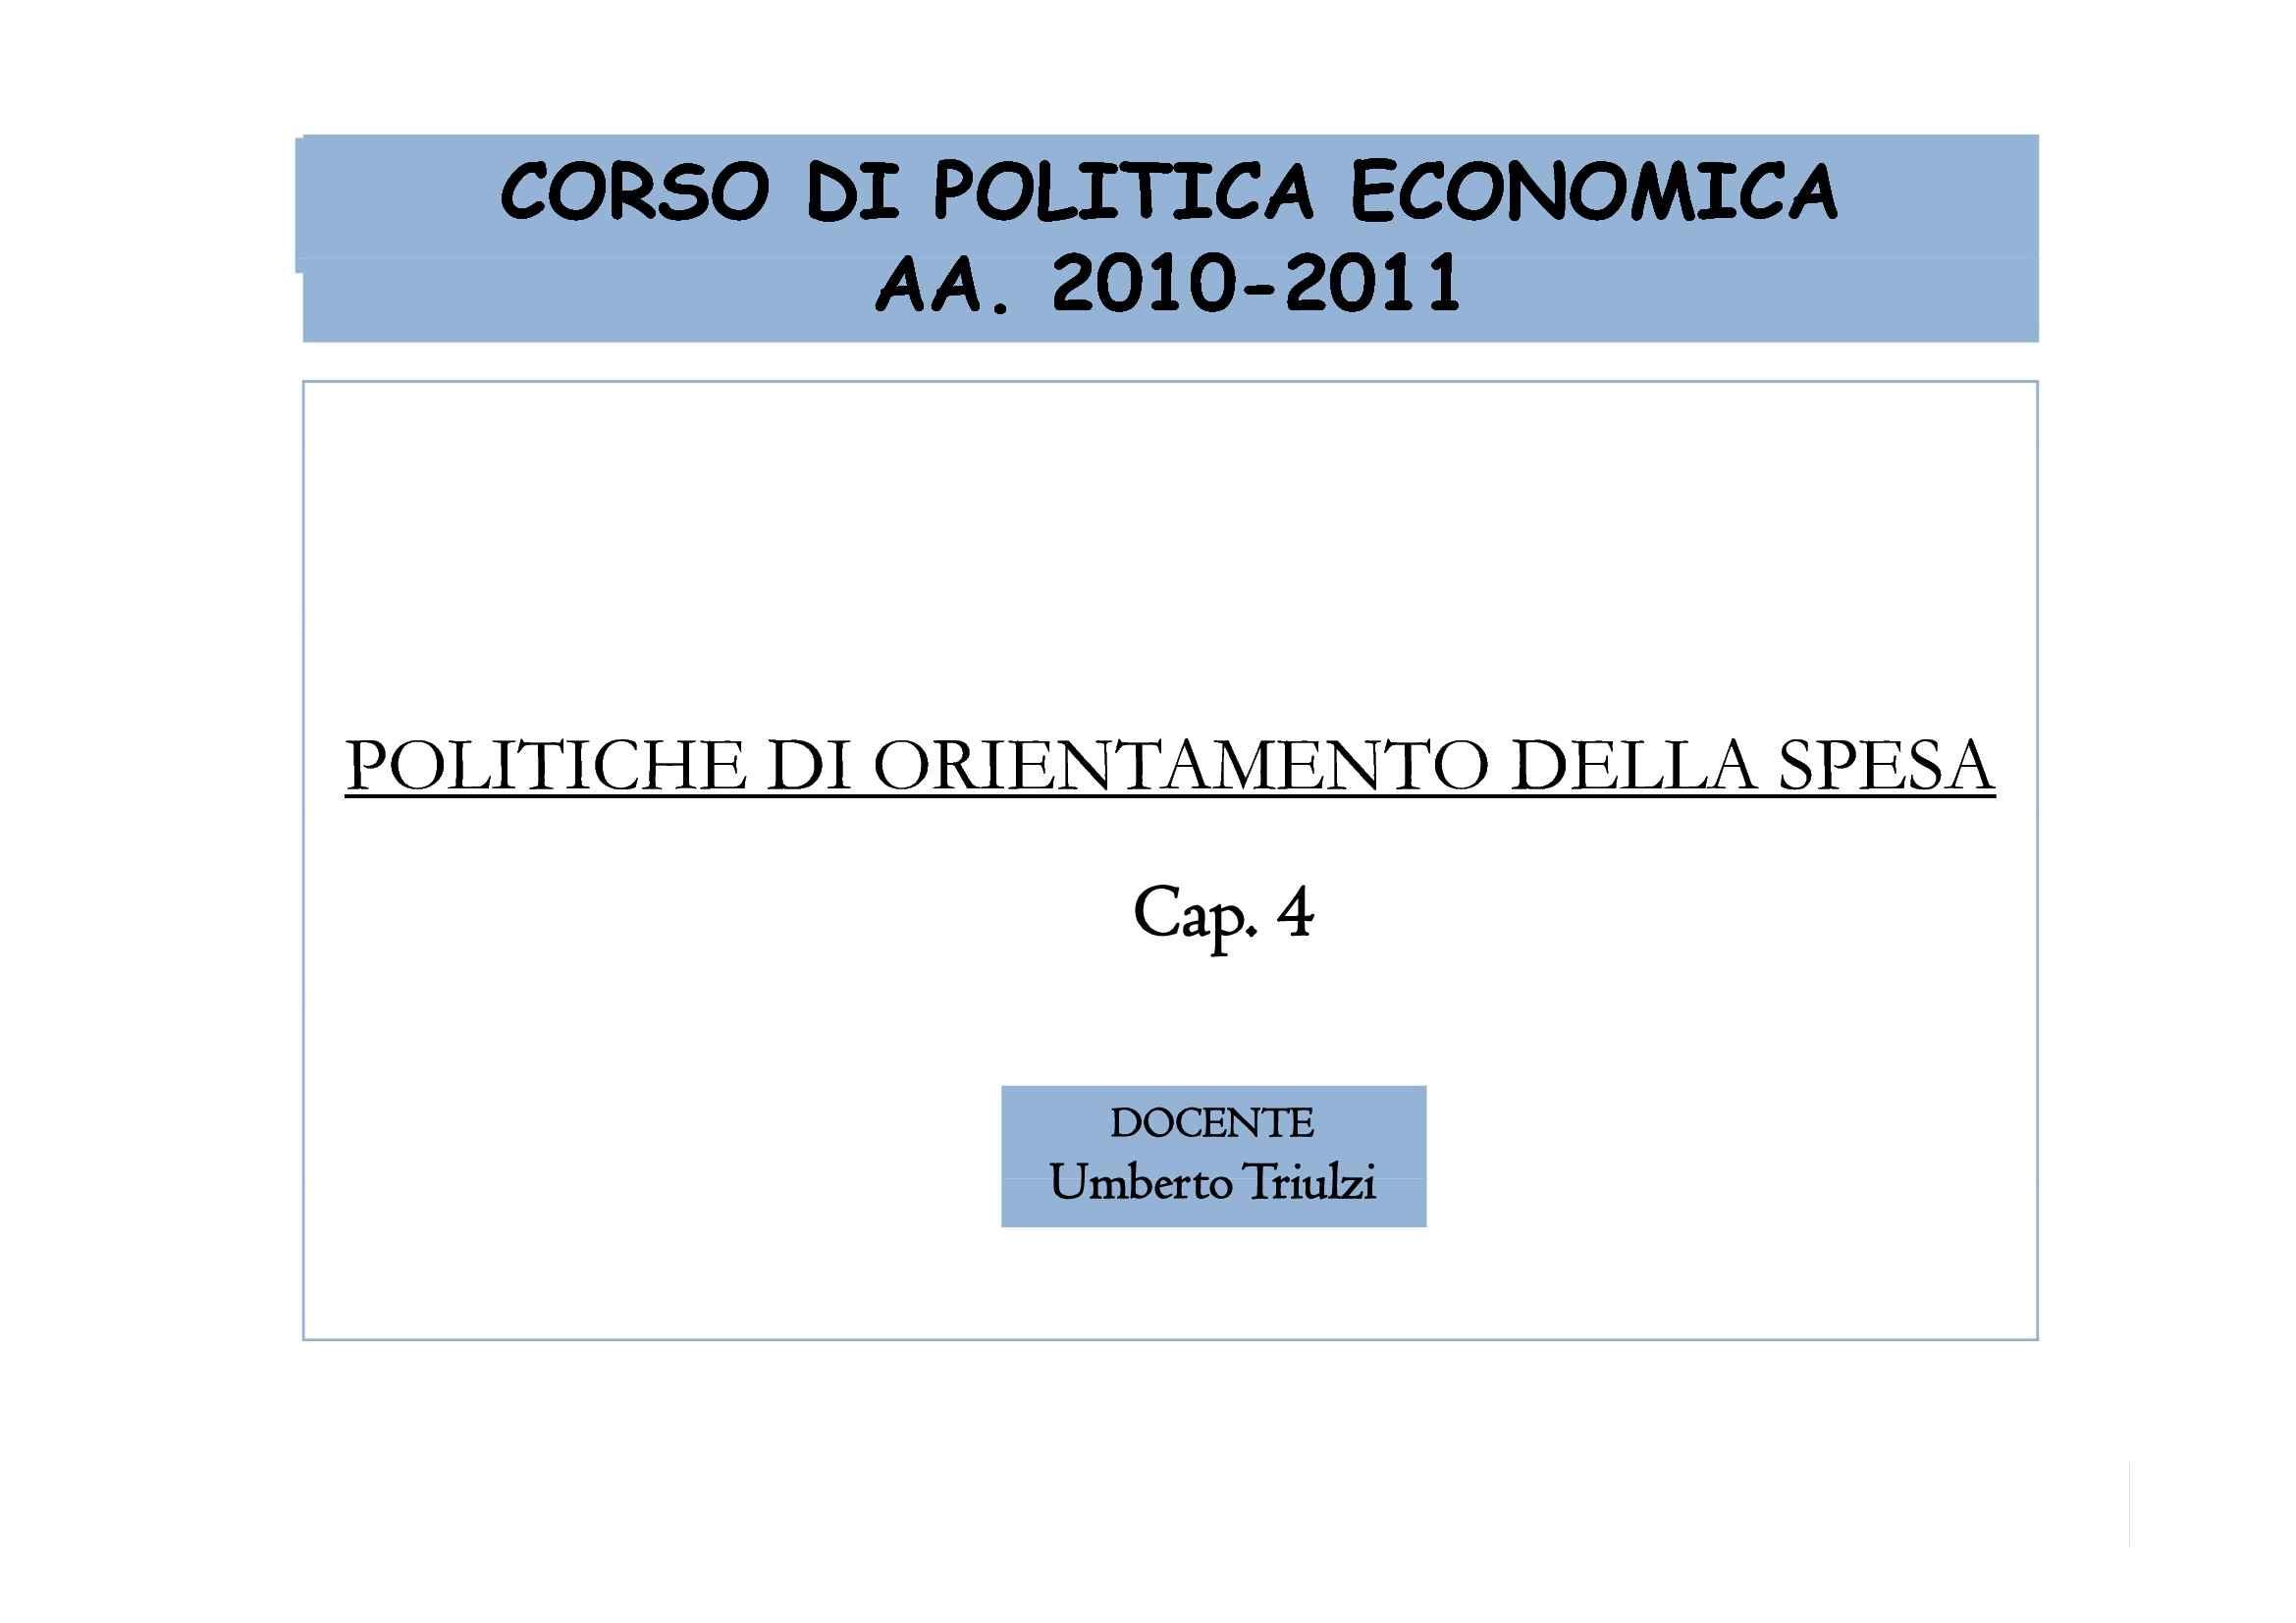 Politiche di orientamento della spesa